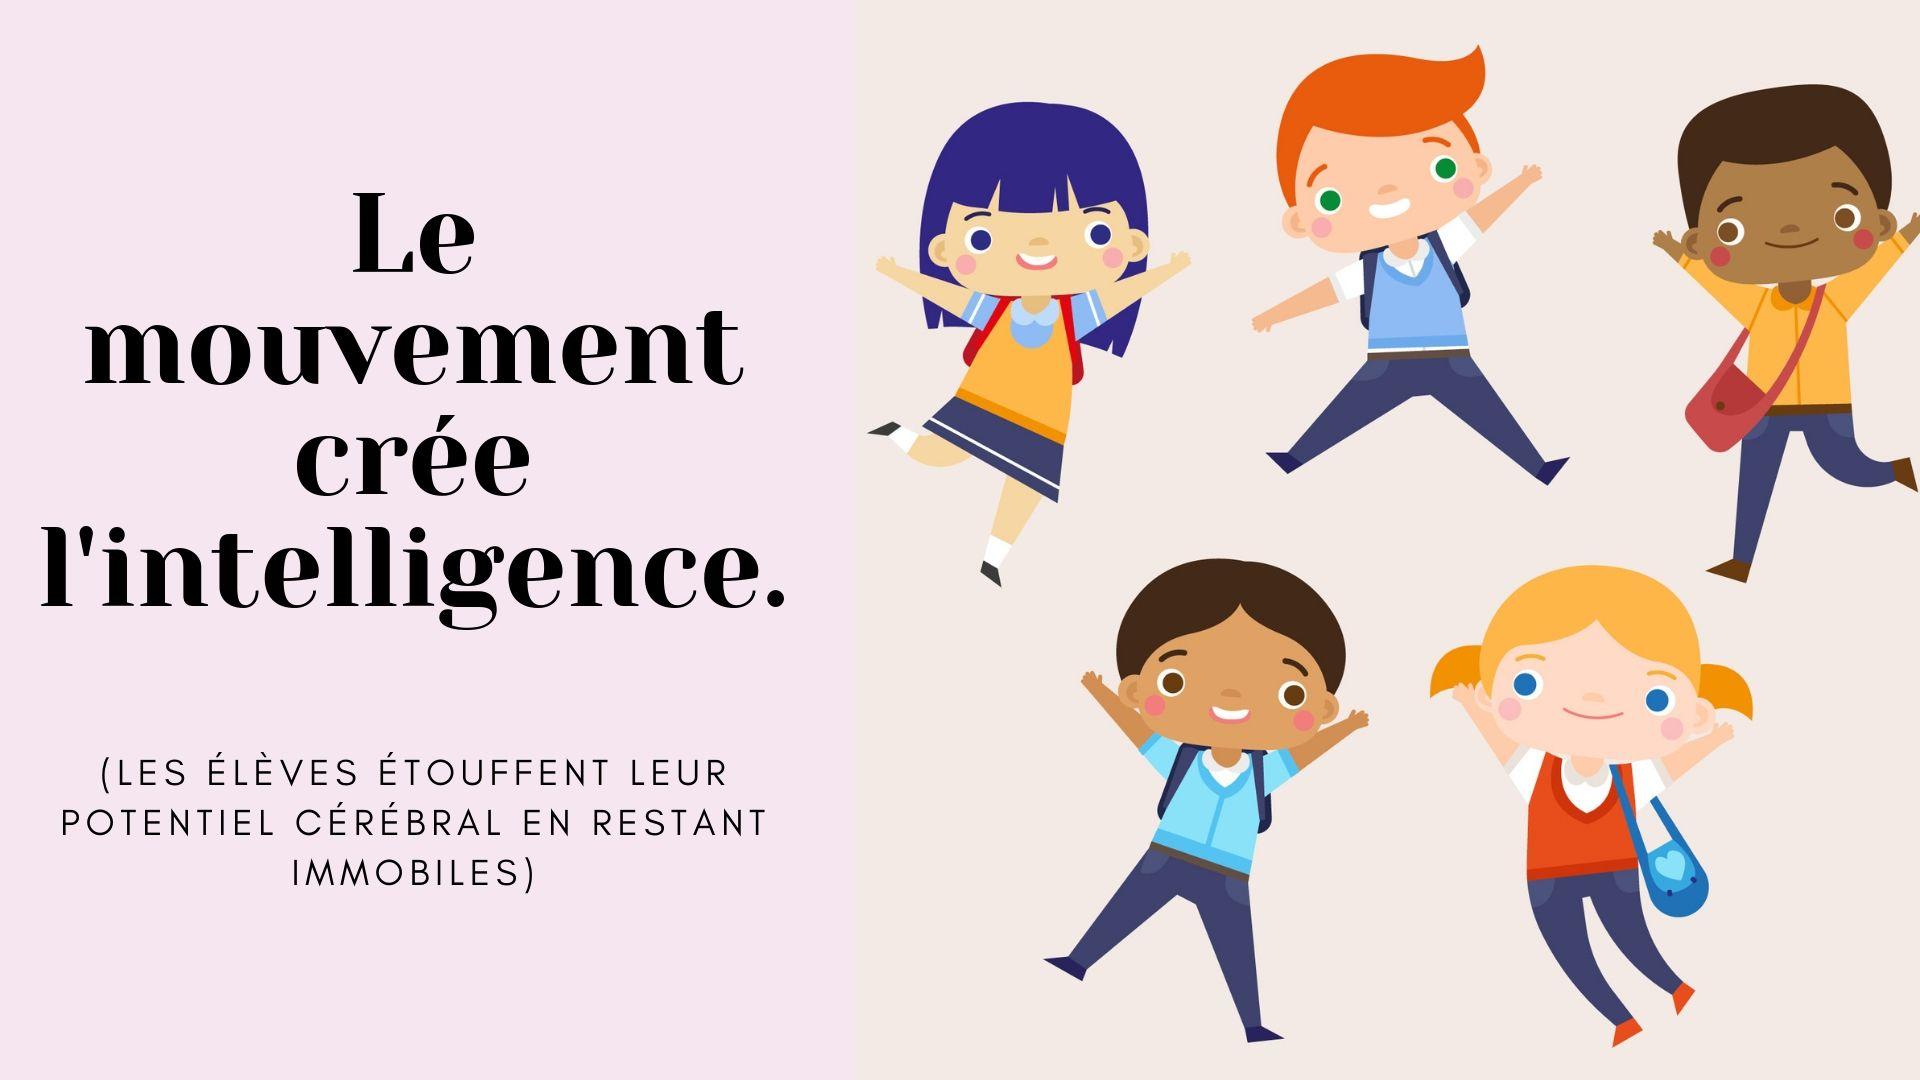 Le mouvement crée l'intelligence.